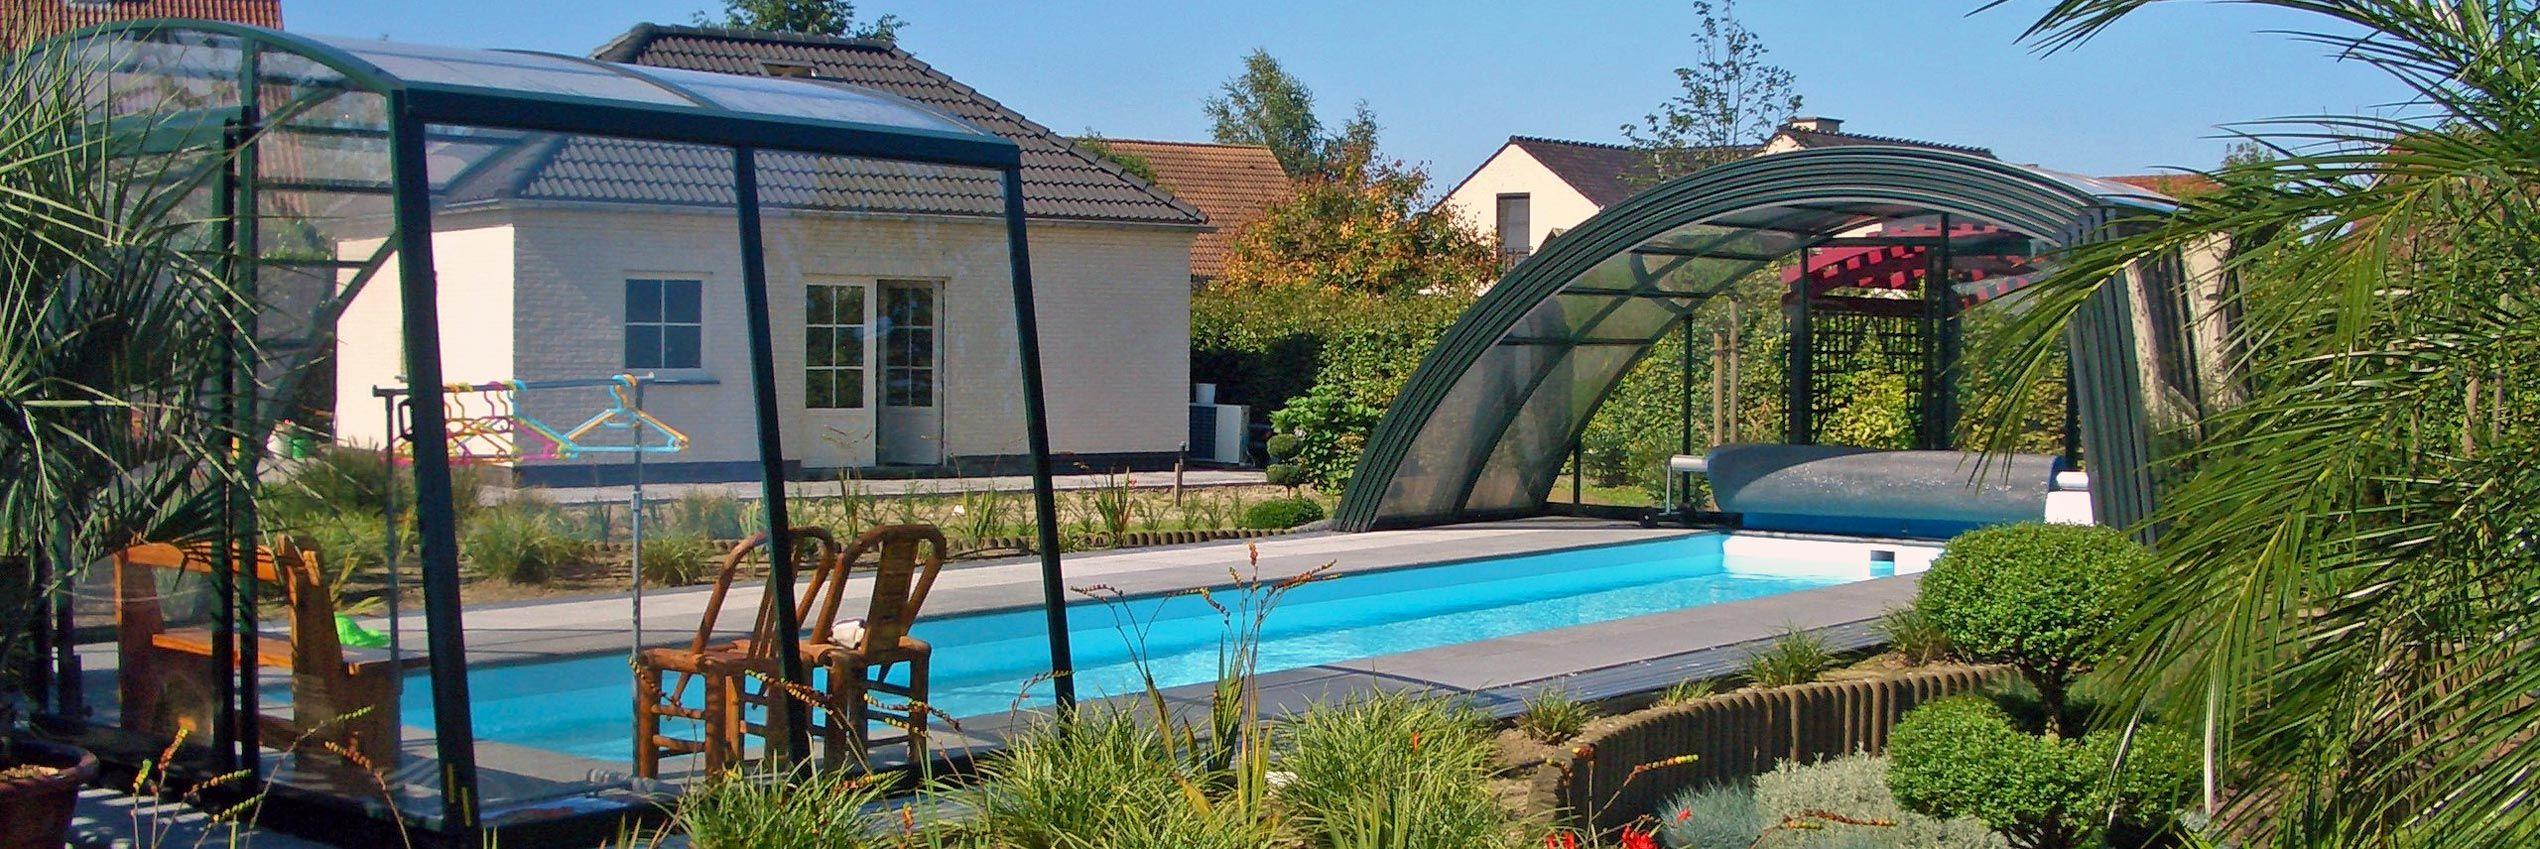 Teilweise aufgeschoben verschiebbare Poolüberdachung Ravena